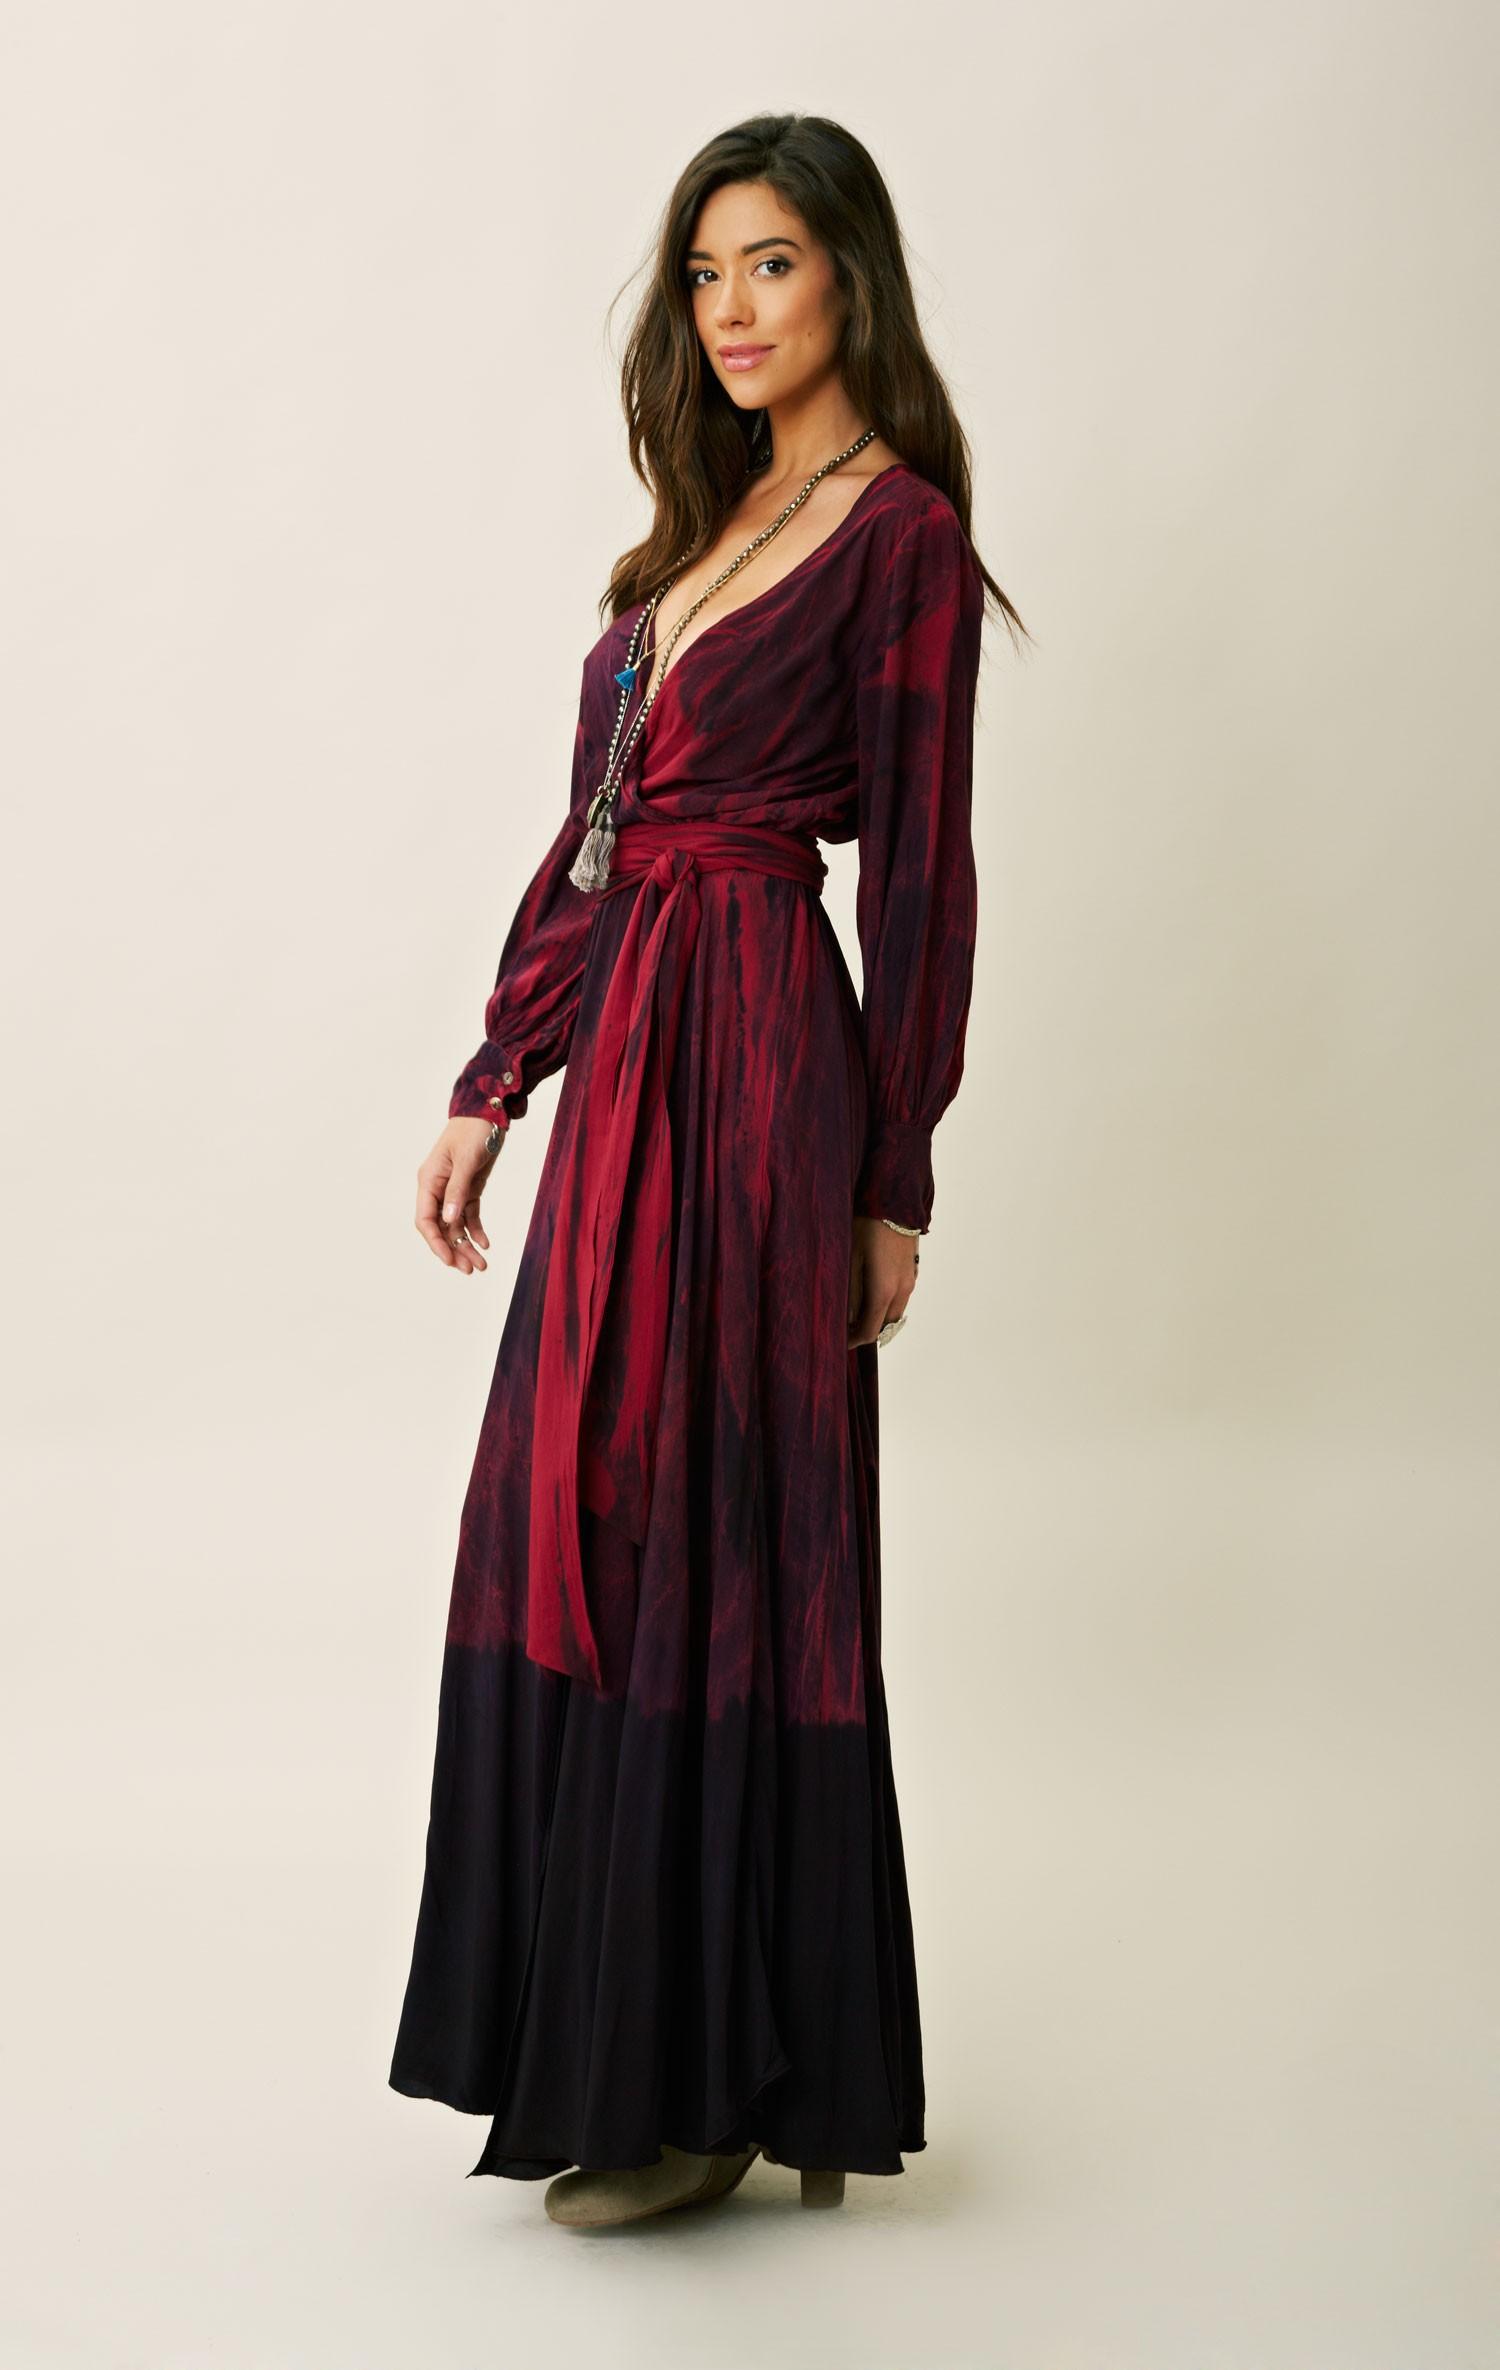 Blu moon 70s Style Tie Dye Dress in Red (ATSK) | Lyst